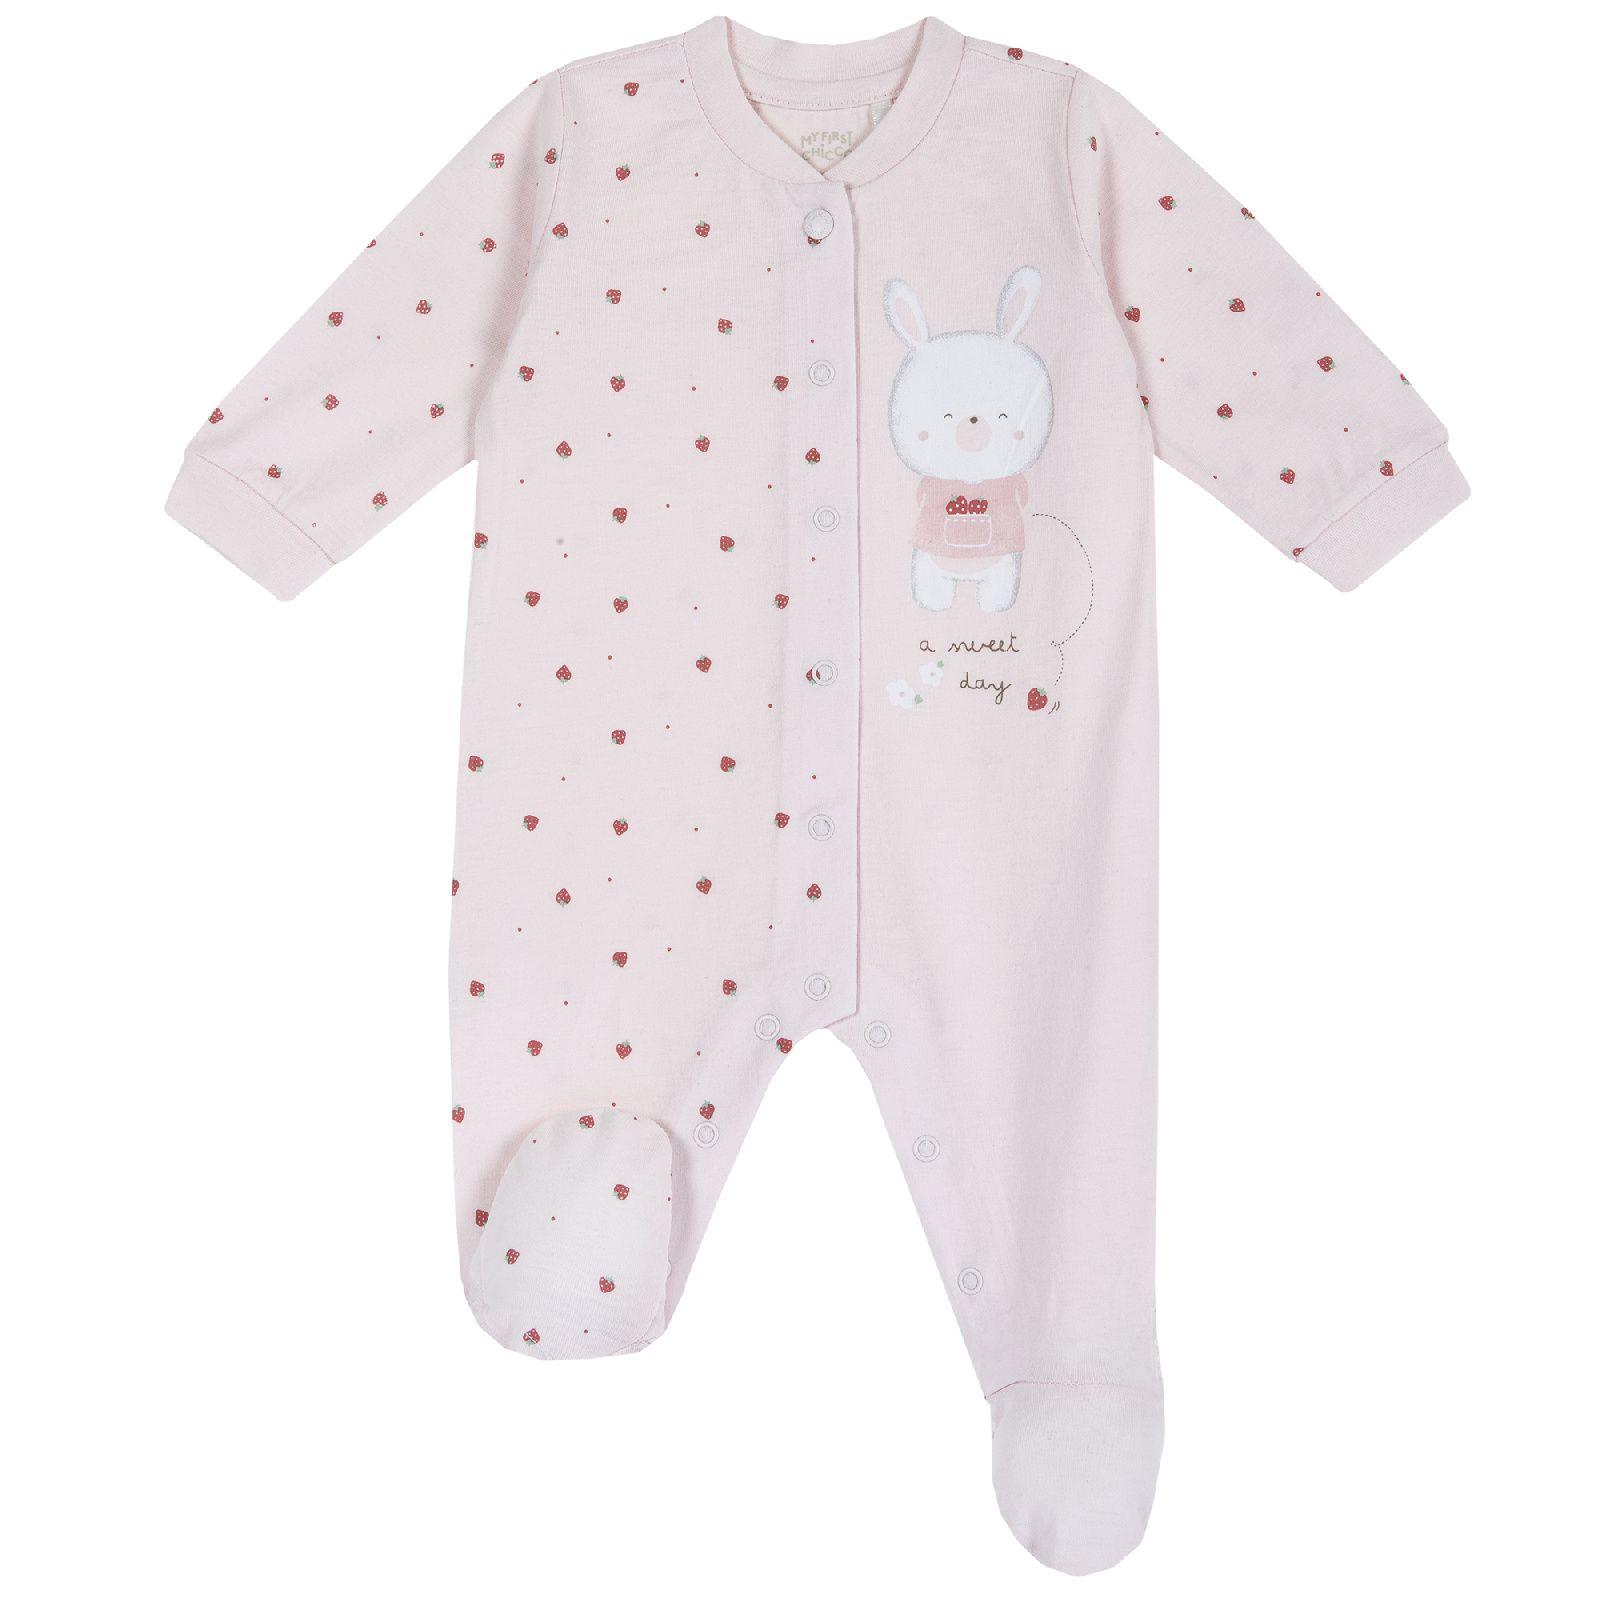 Комбинезон для девочек Chicco с клубничками, цвет розовый, размер 74